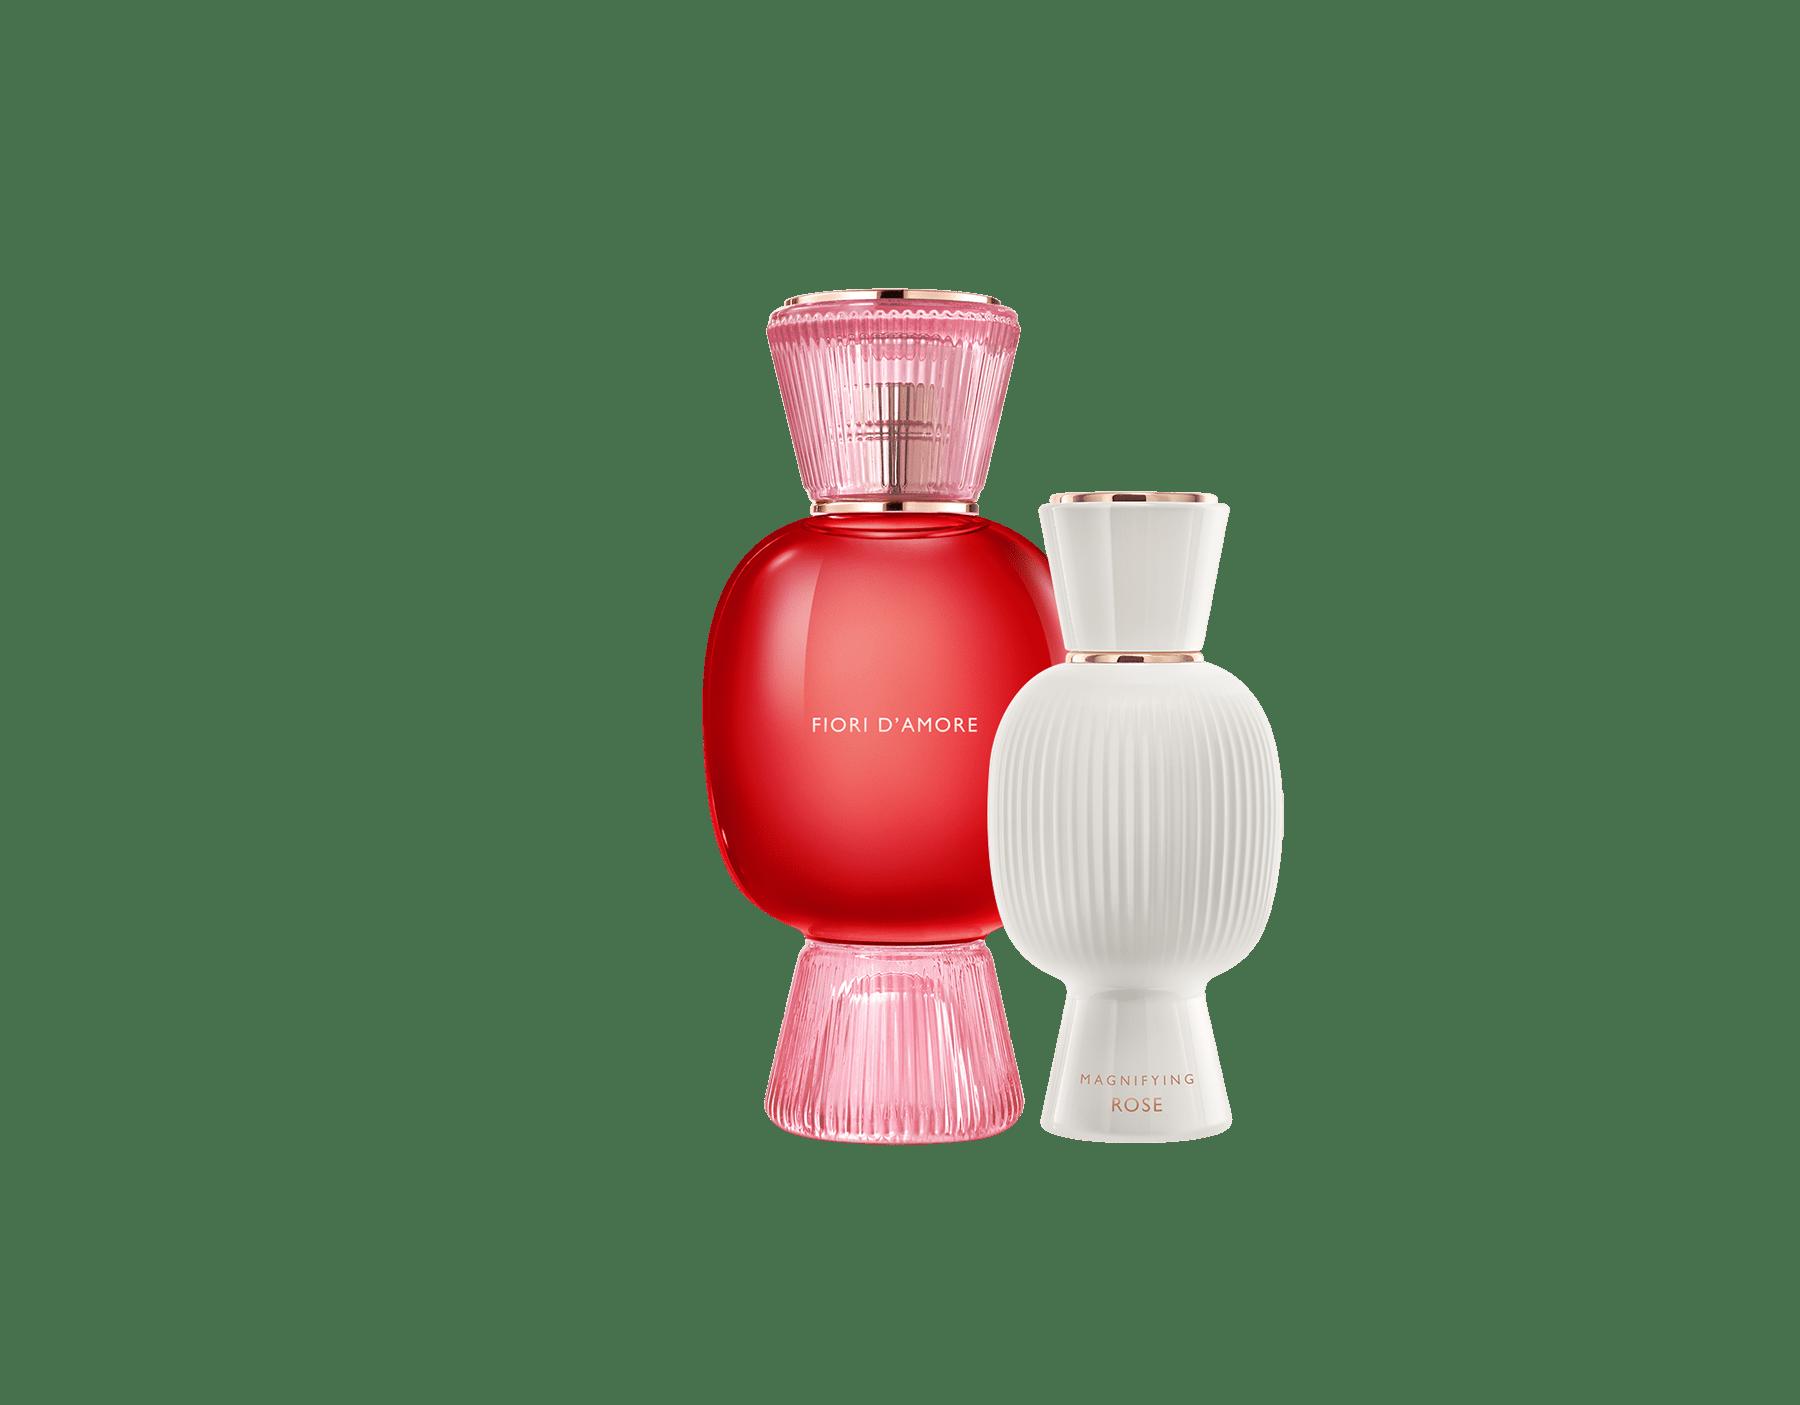 Una exclusiva combinación de perfumes, tan audaz y única como usted. El magnífico Eau de Parfum floral Fiori d'Amore de Allegra se combina con la voluptuosa intensidad de la Magnifying Rose Essence, creando un irresistible perfume femenino personalizado. Perfume-Set-Fiori-d-Amore-Eau-de-Parfum-and-Rose-Magnifying image 1